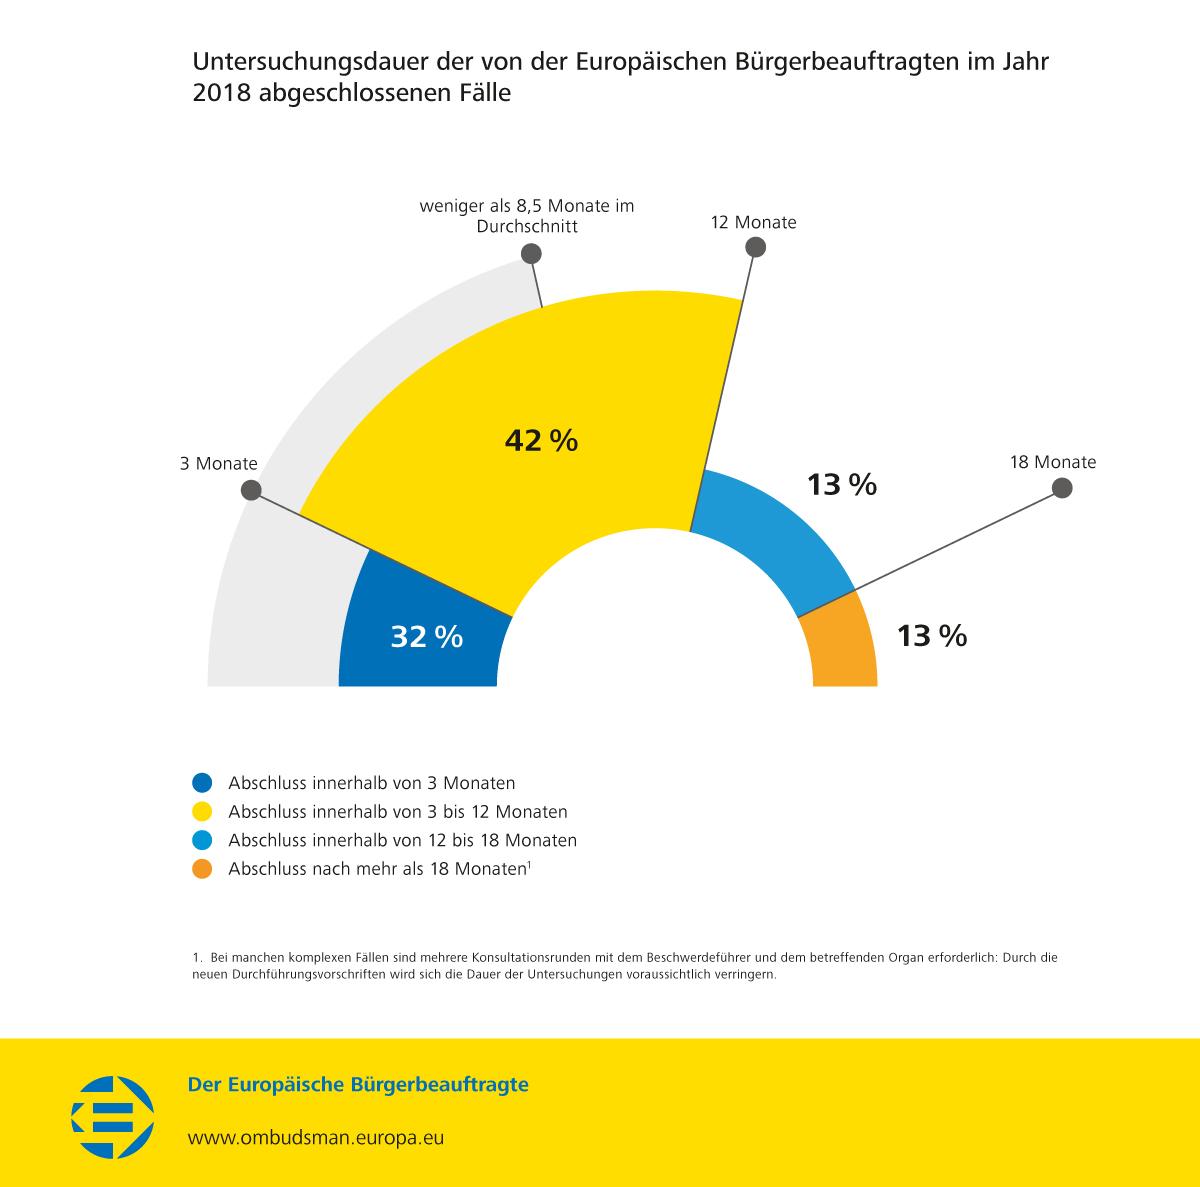 Untersuchungsdauer der von der Europäischen Bürgerbeauftragten im Jahr 2018 abgeschlossenen Fälle